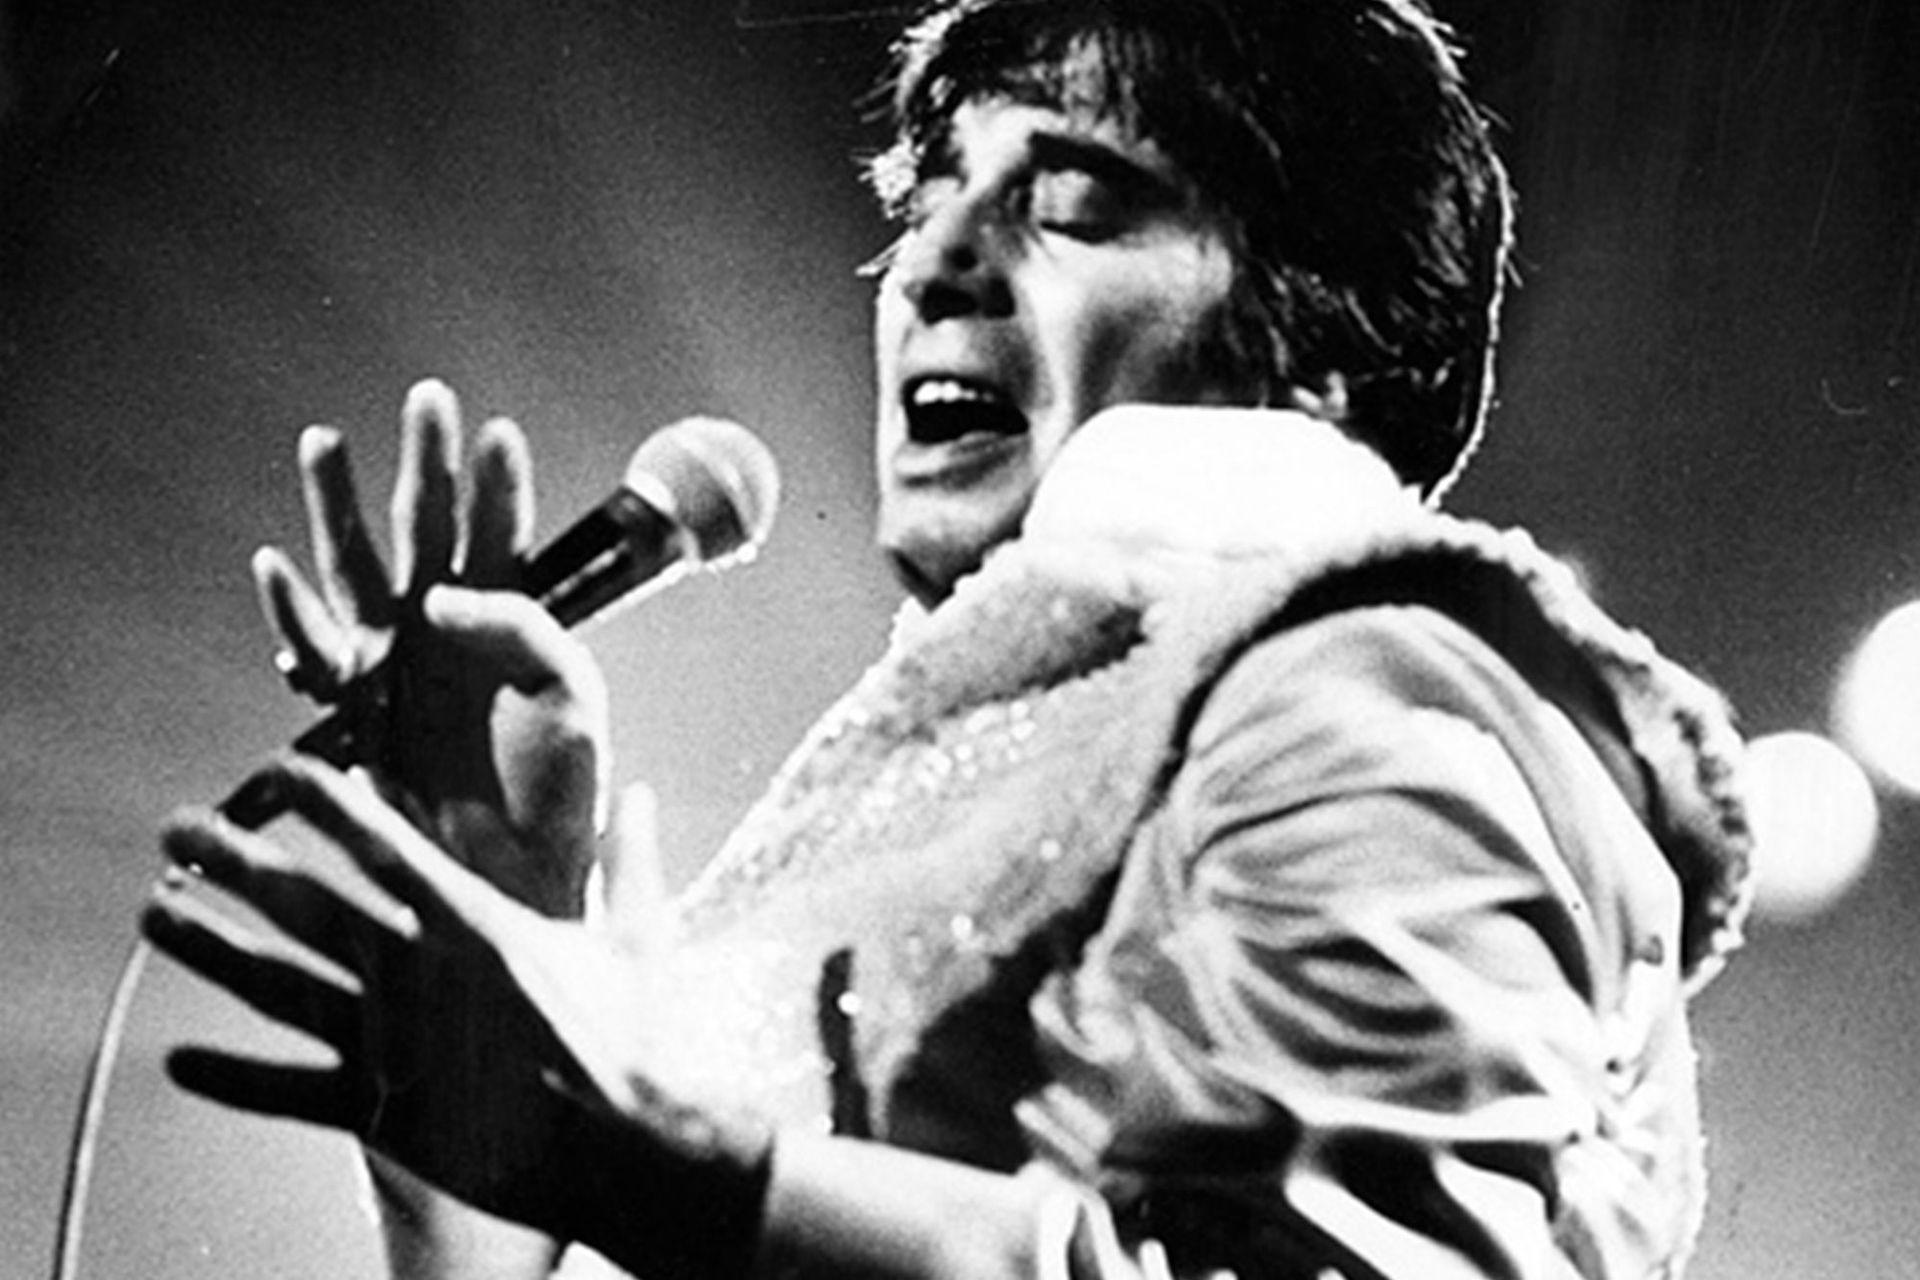 Hace diez años moría el gran mito masculino, el amado galán de señoras. Pero, también, el primer rockero argentino.